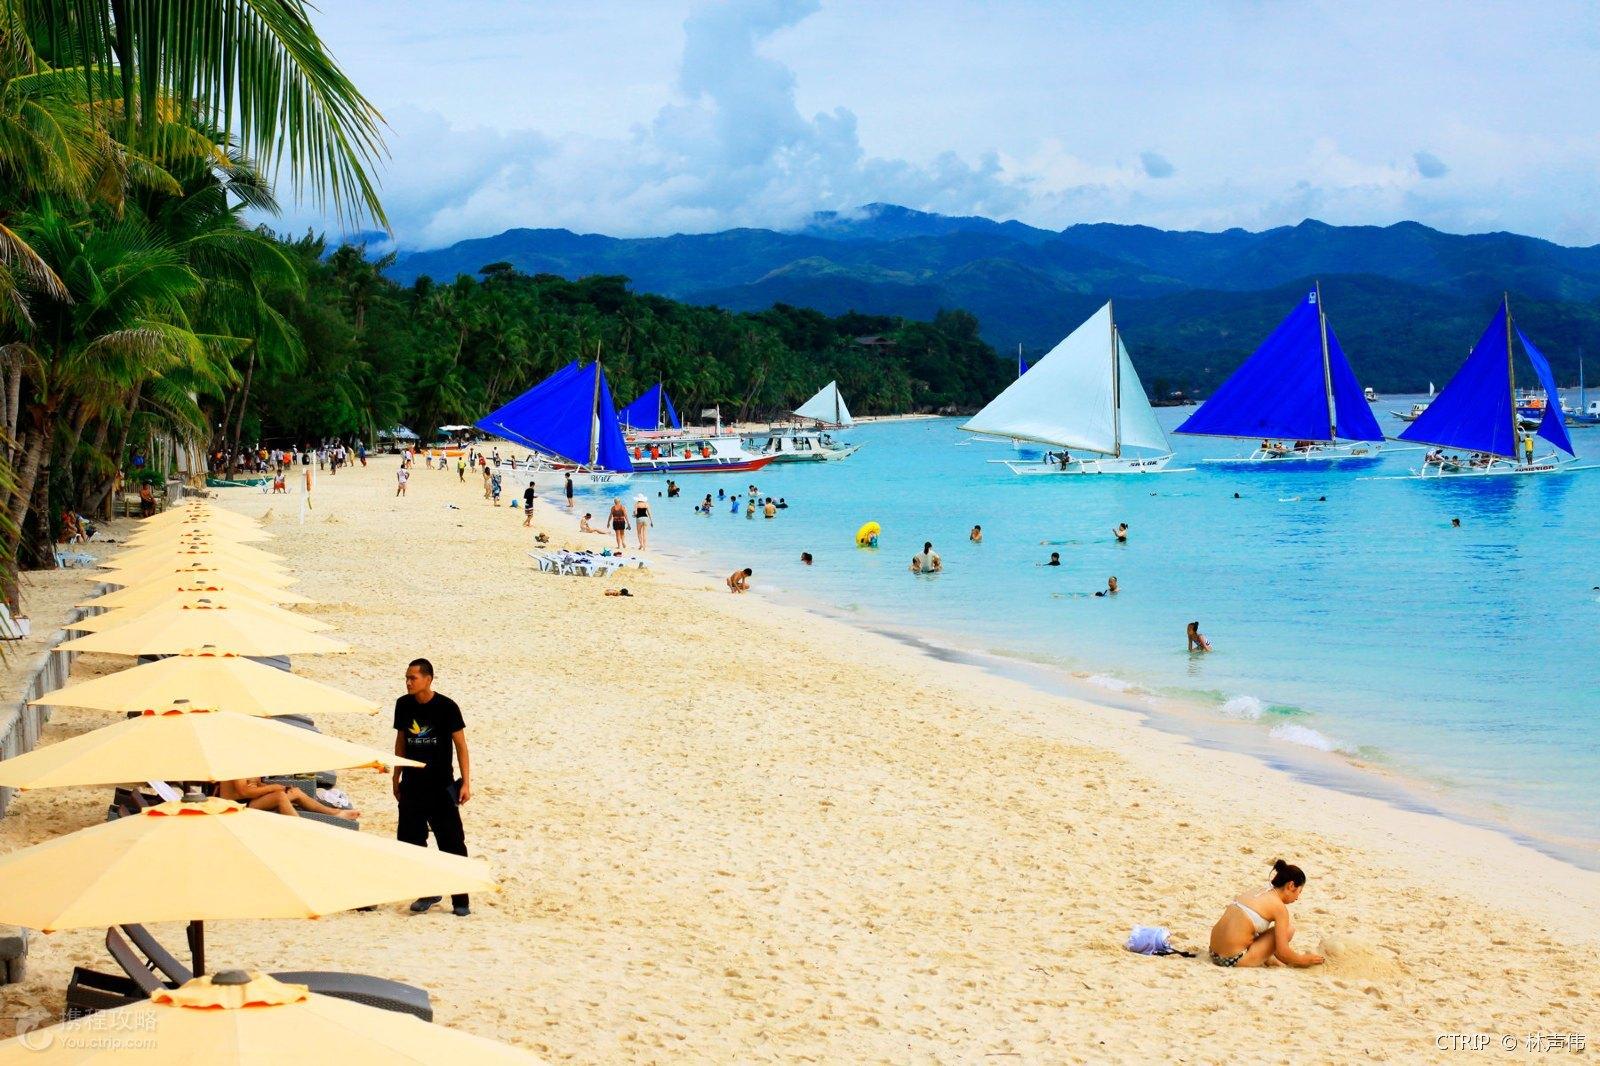 菲律宾长滩岛5天3晚自由行(每天都睡到自然醒,全程免去紧张行程)